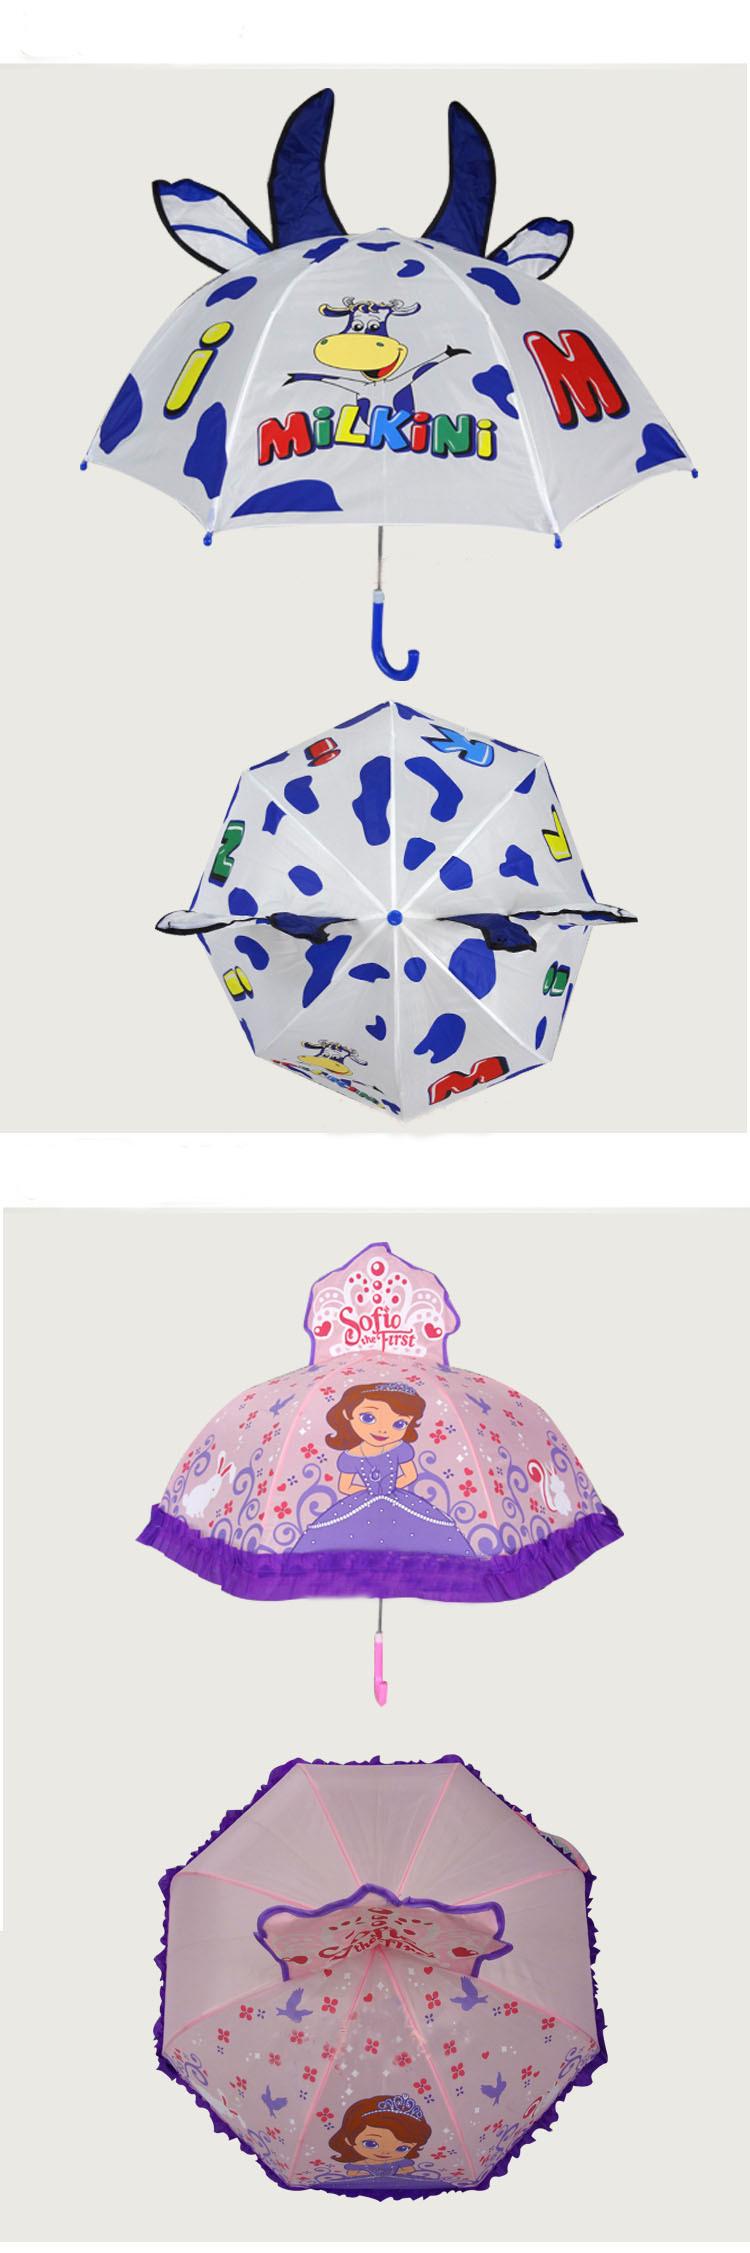 umbrella5